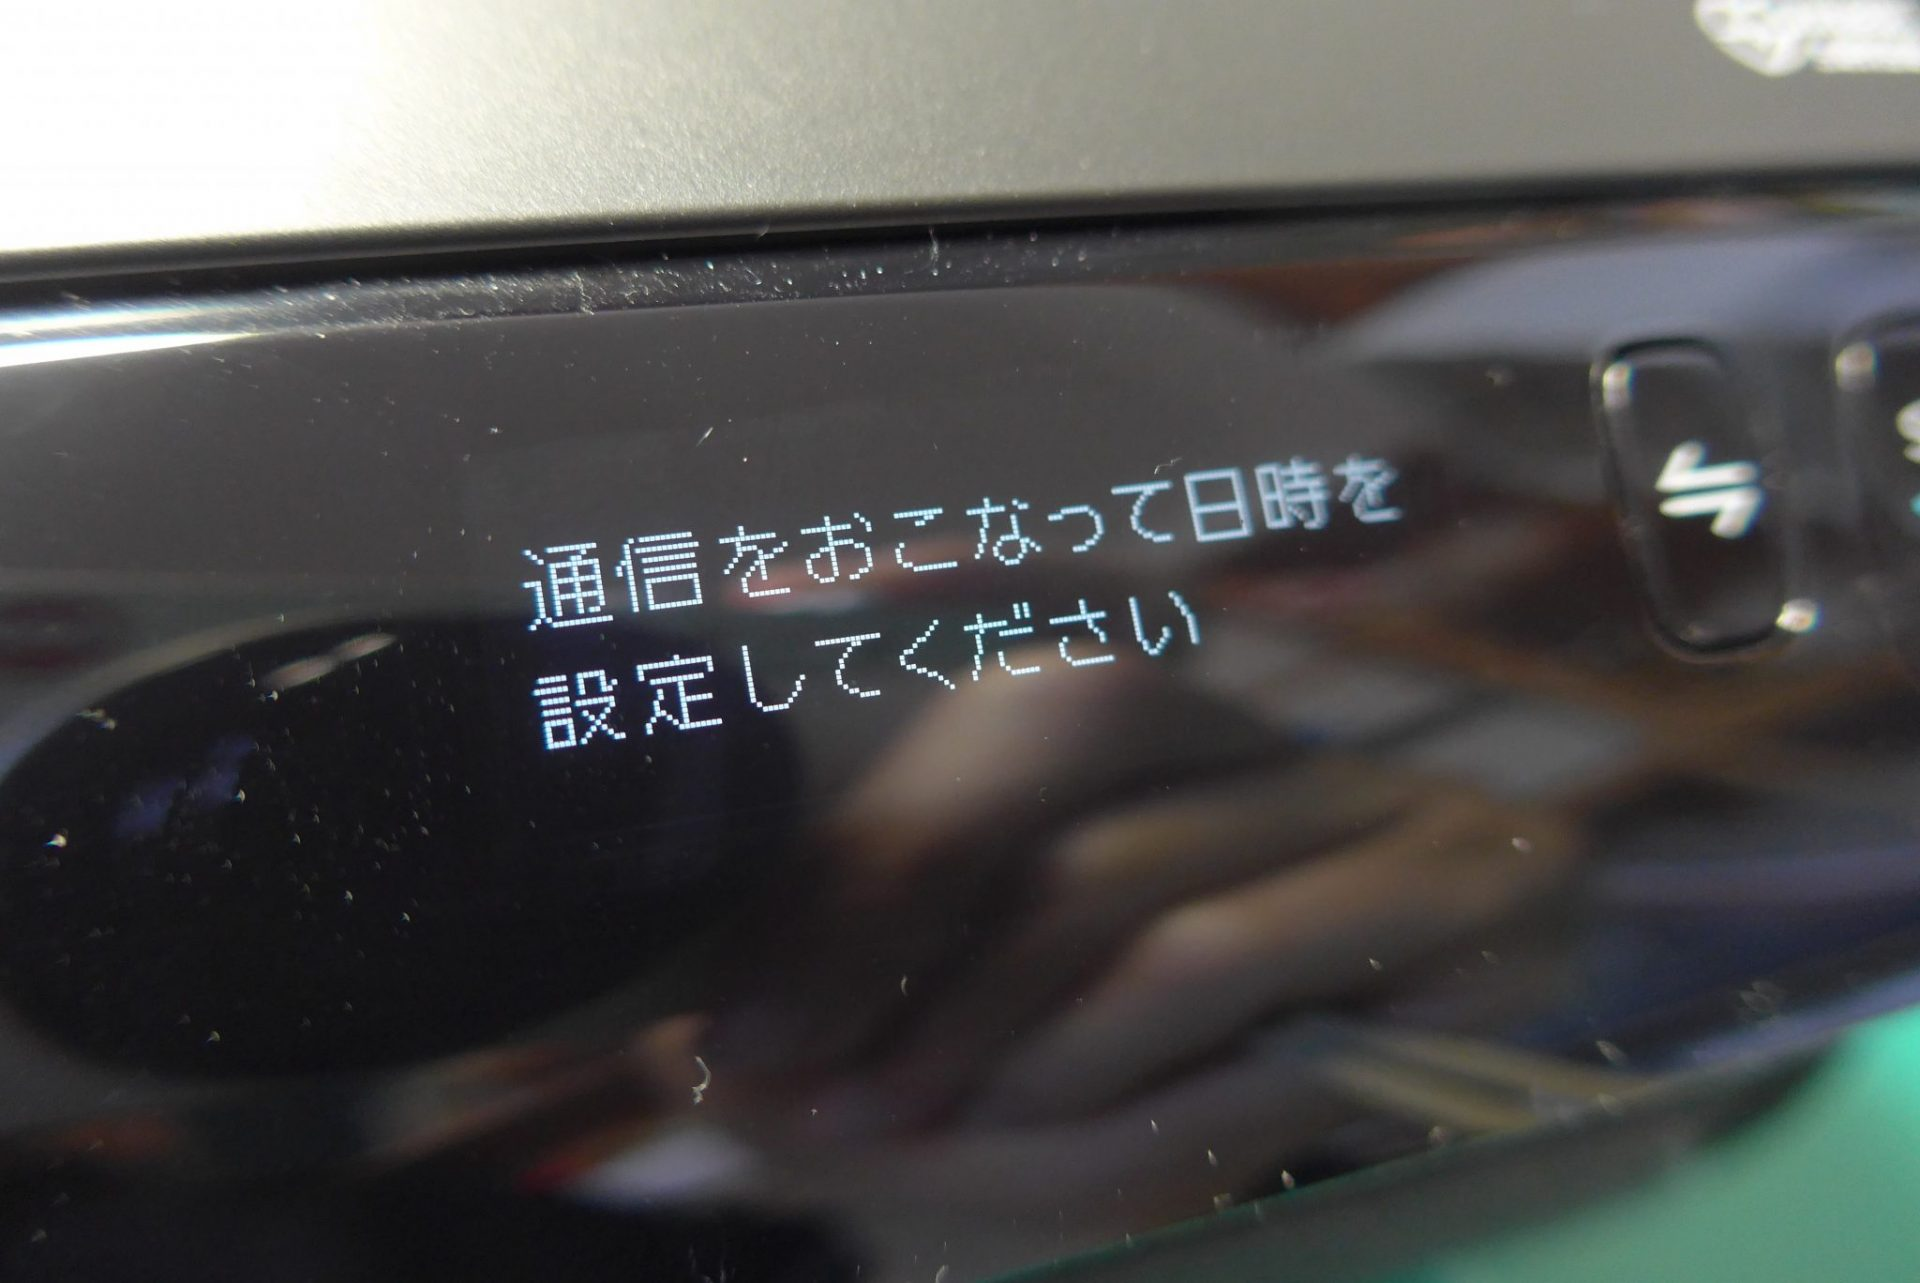 (N)血圧計の電池交換に充電式電池!オムロンHEM-7600T